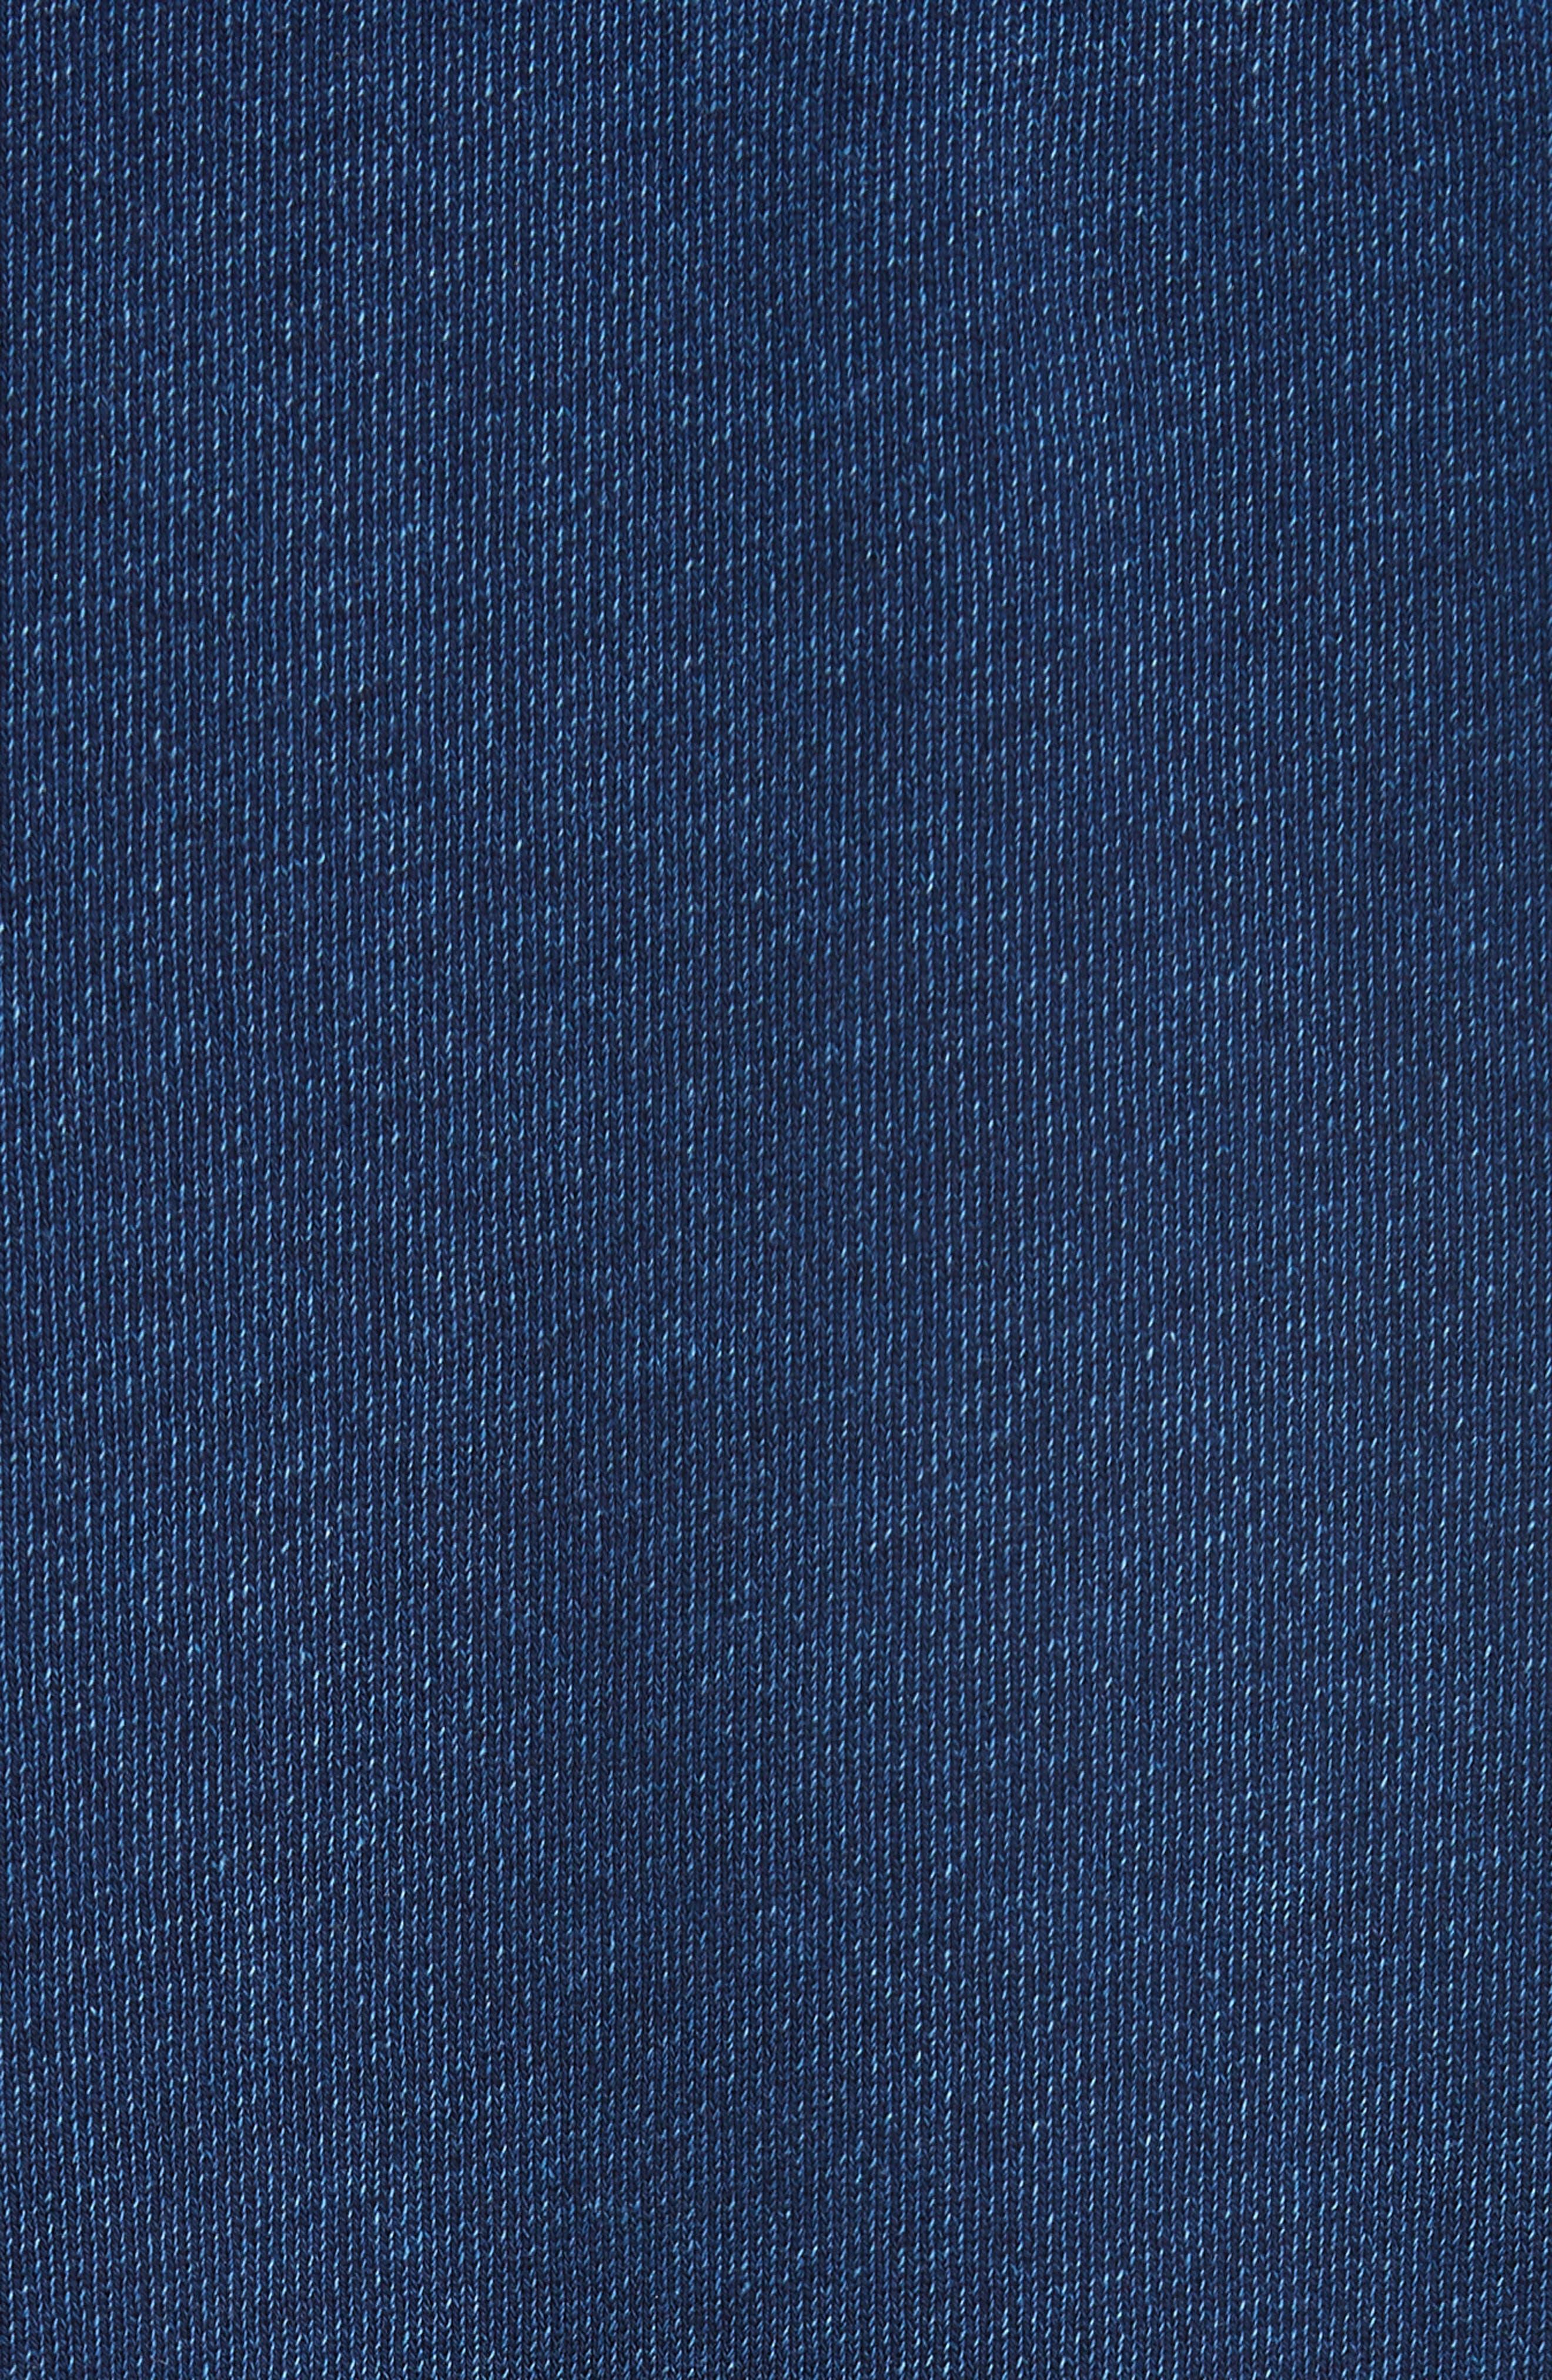 Lace Patch Sweatshirt,                             Alternate thumbnail 5, color,                             400